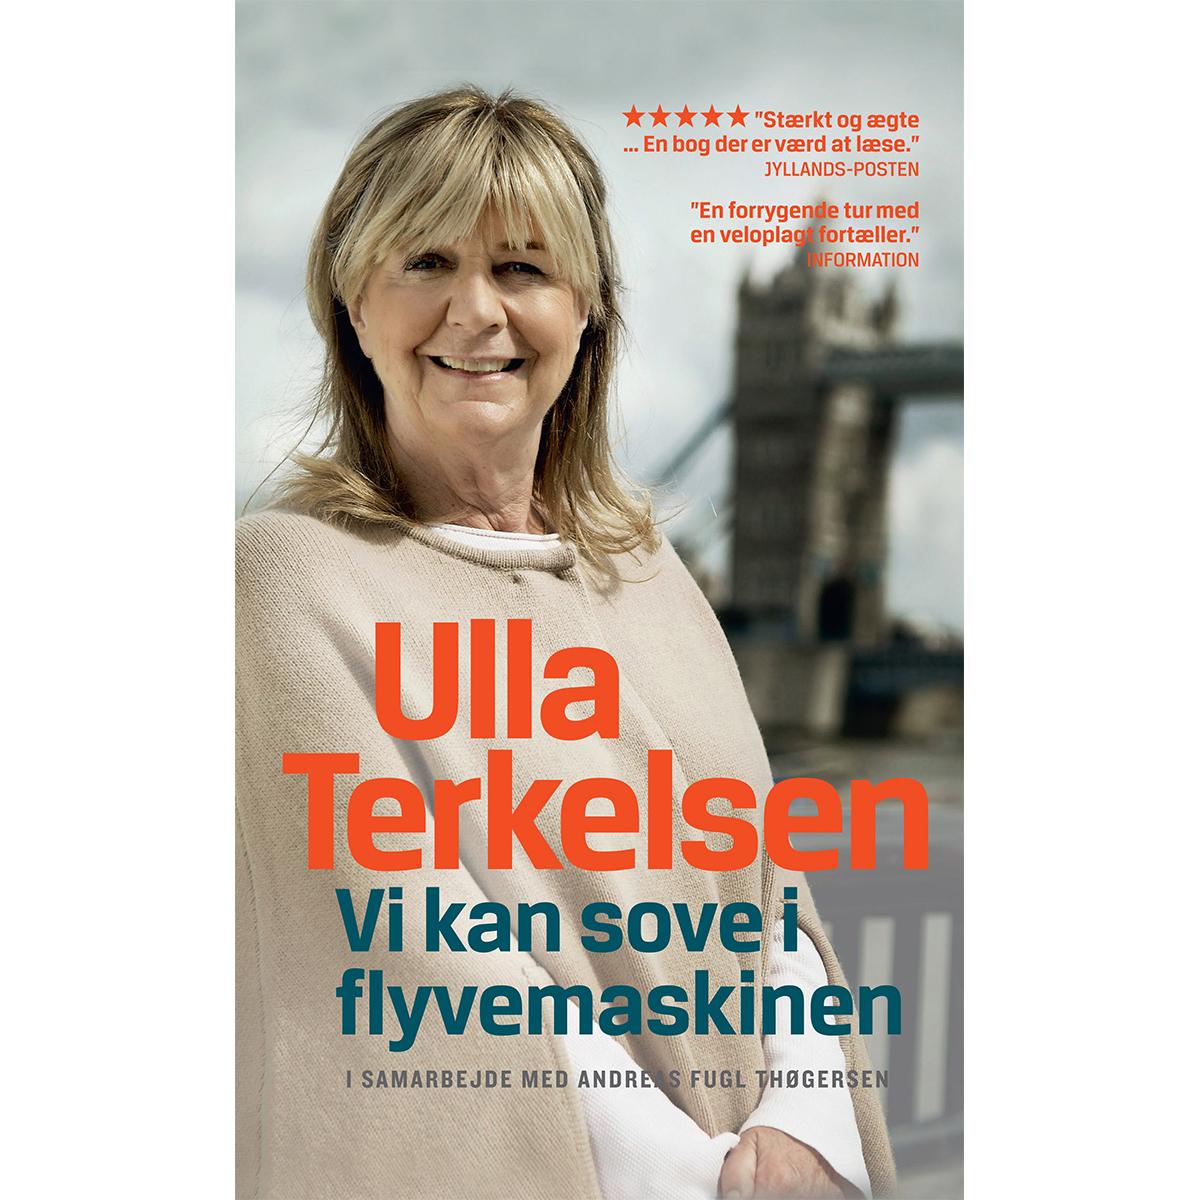 Ulla Terkelsen - Vi kan sove i flyvemaskinen - Paperback